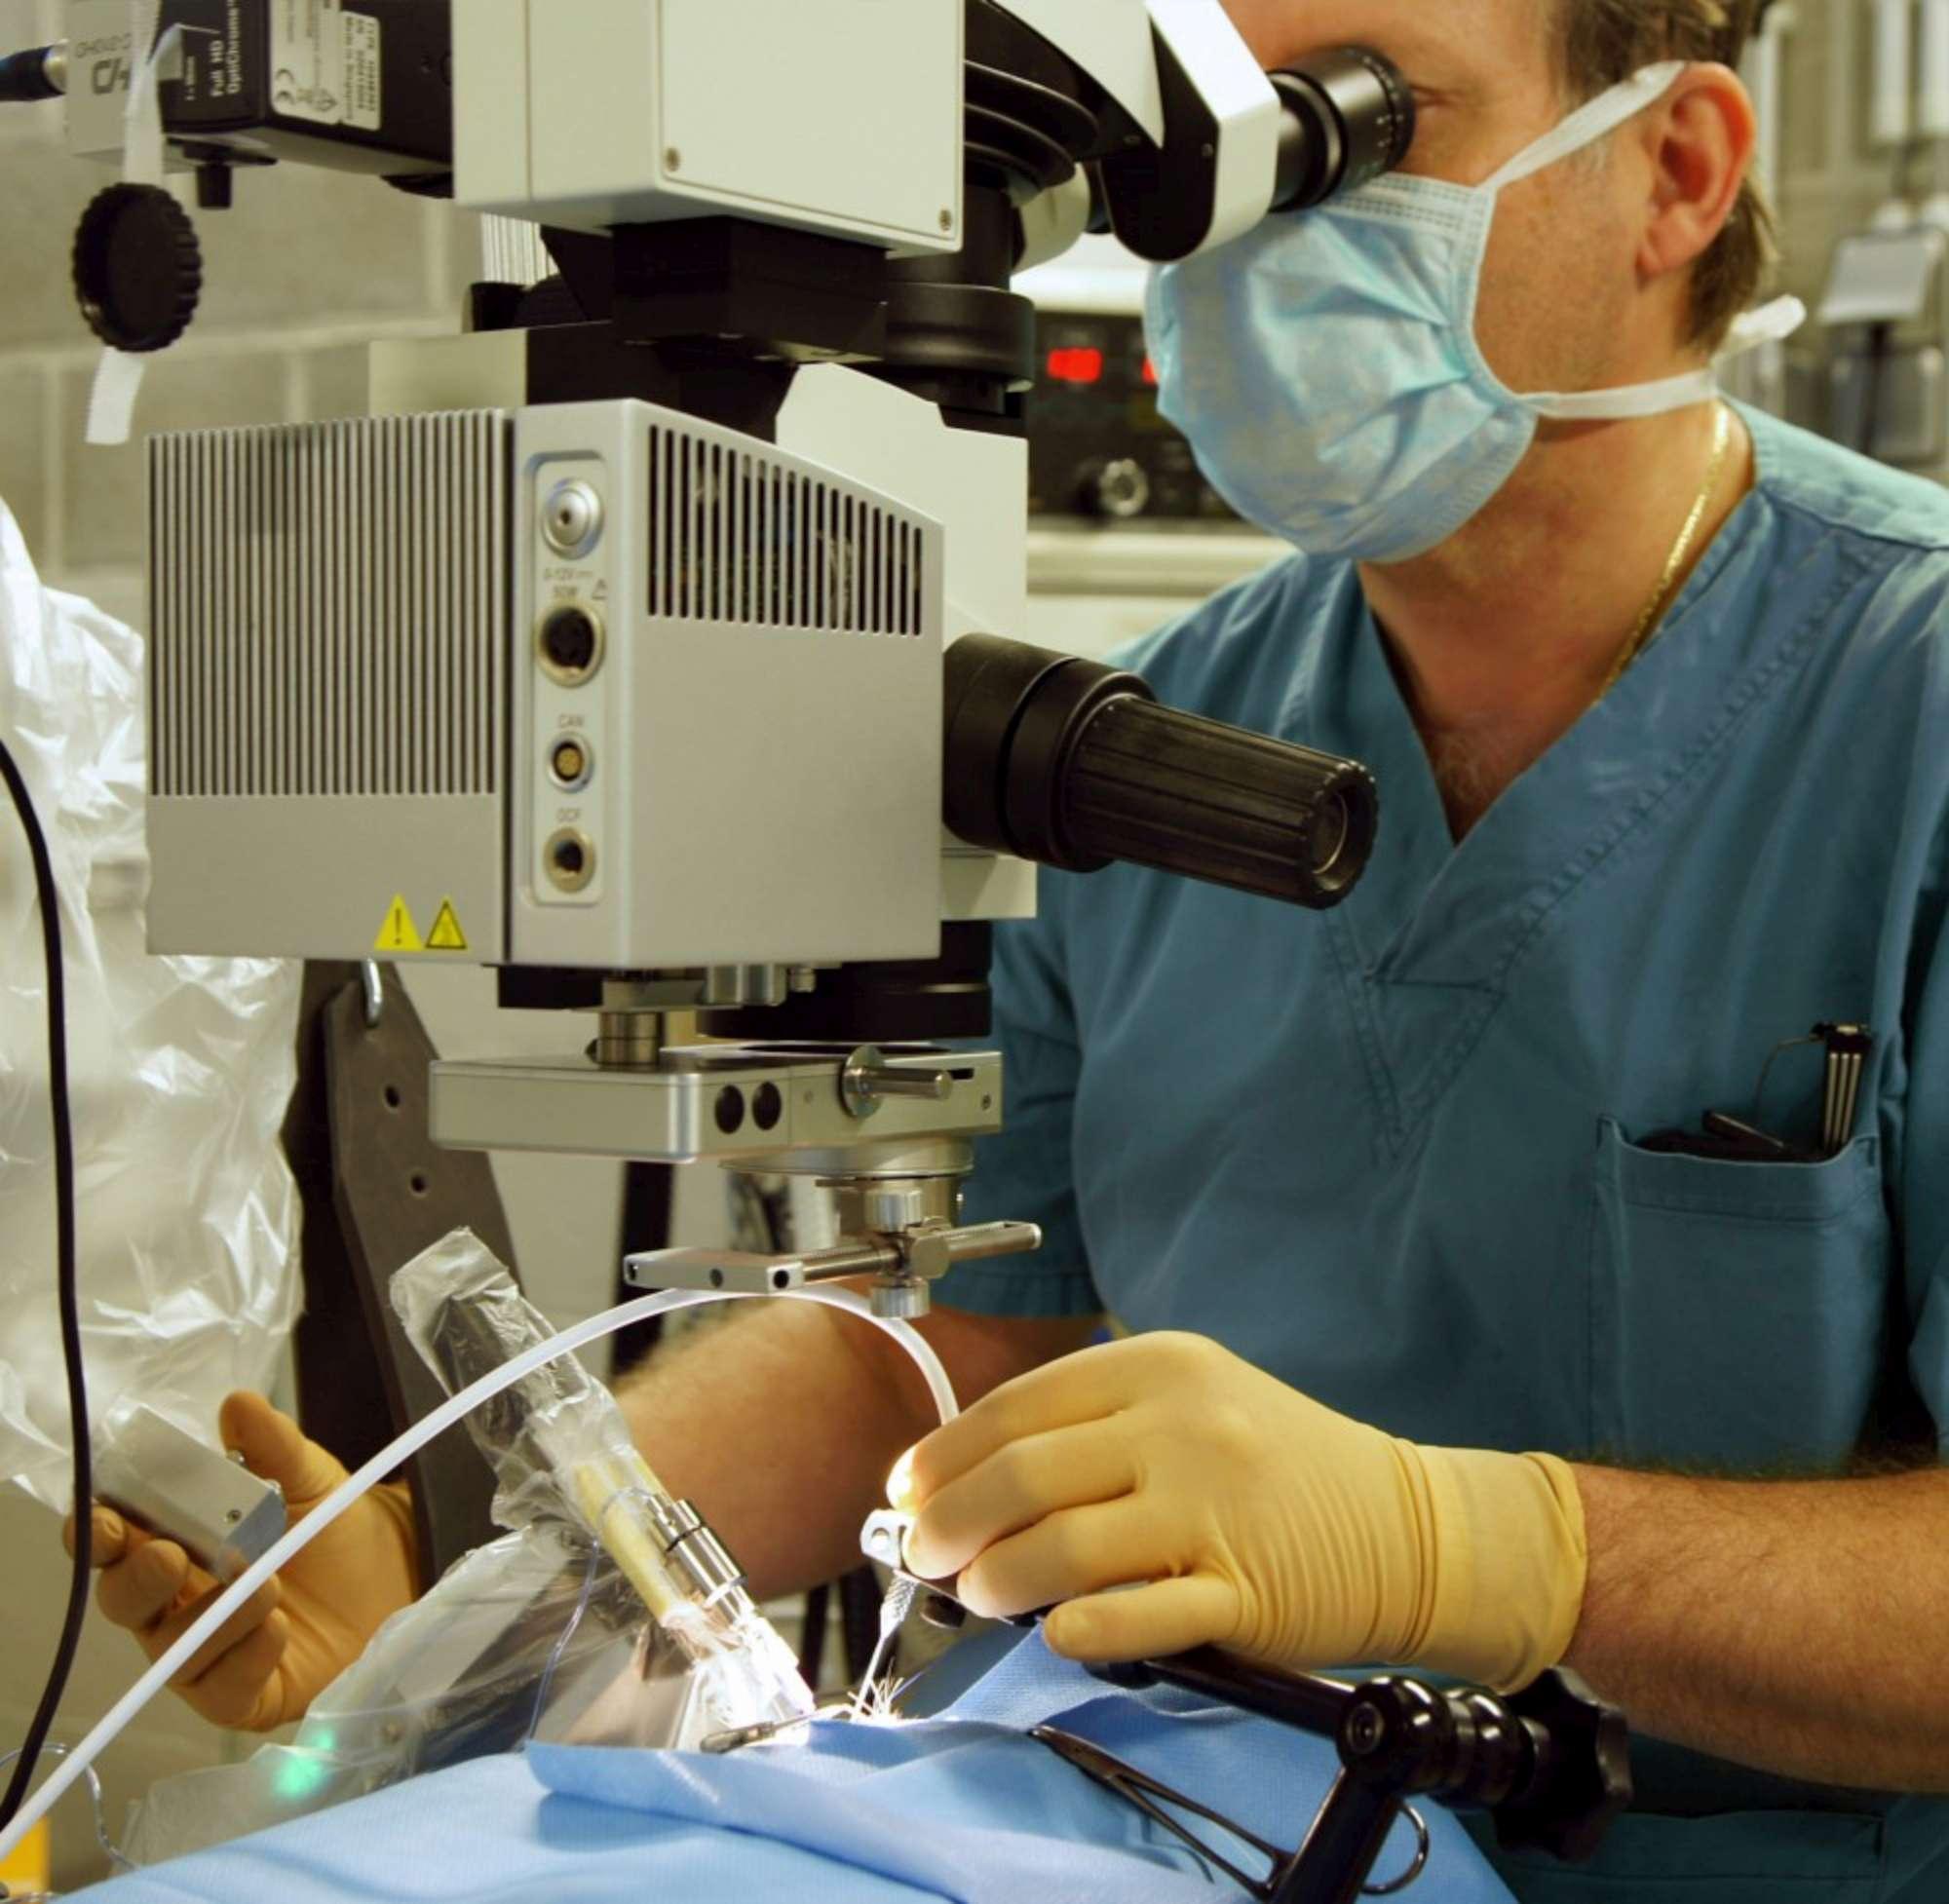 Chirurgia, robot opera occhio paziente. Prima volta al mondo. Robot chirurgo